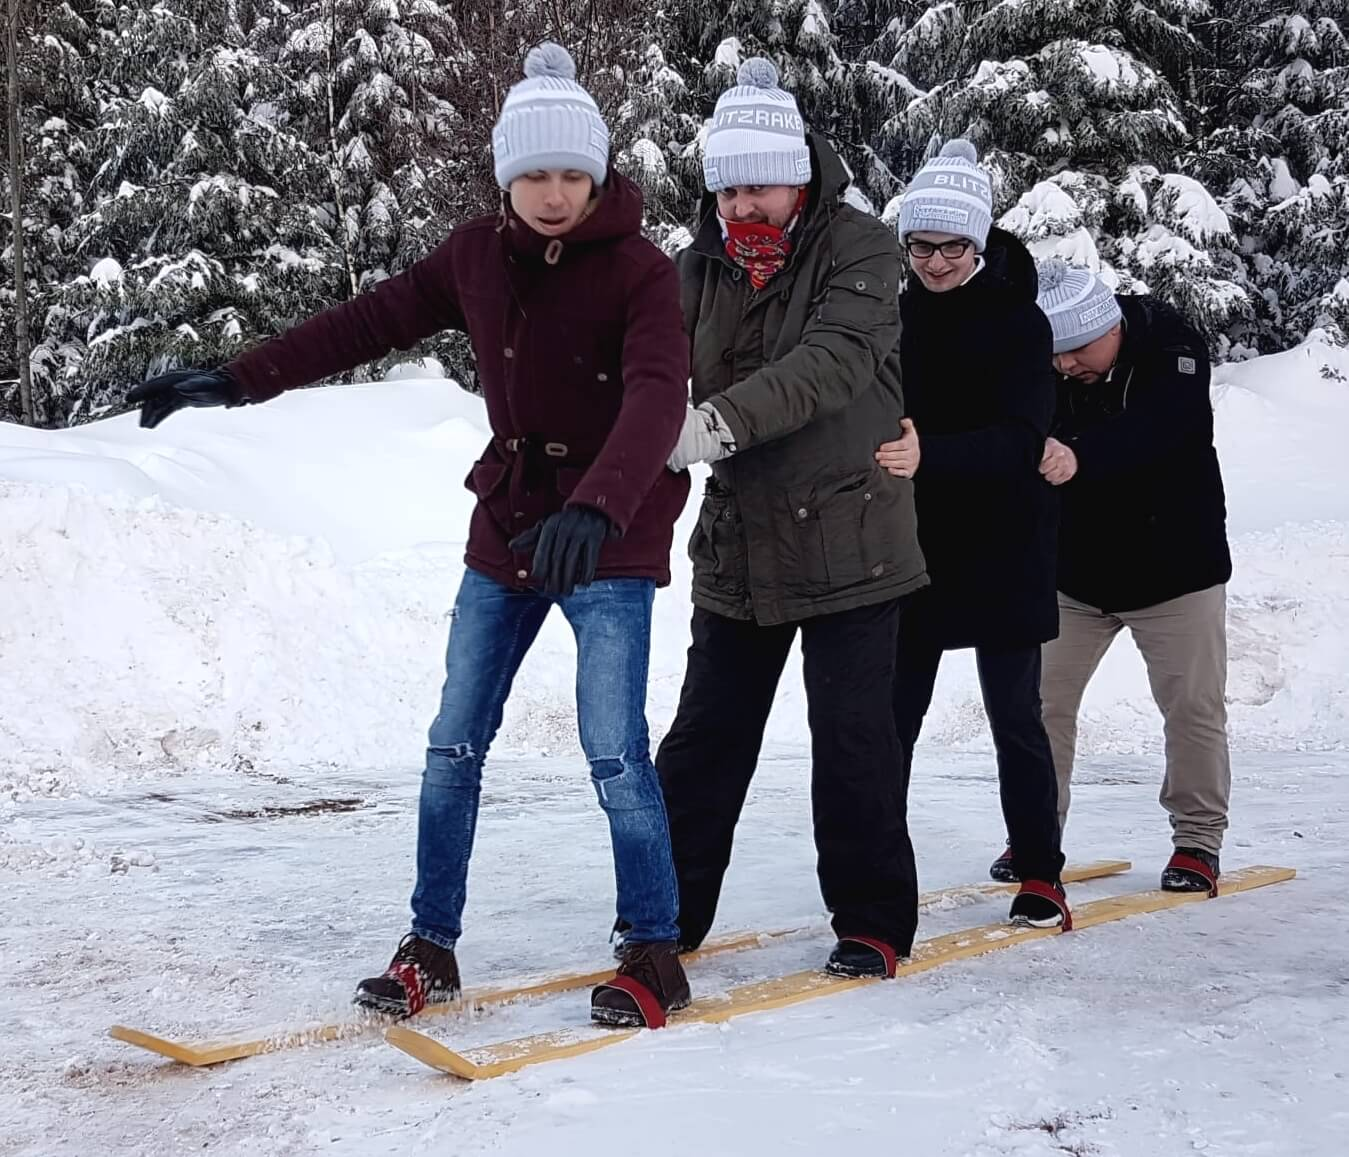 Wintermützen für Gastronomie-Teamevent